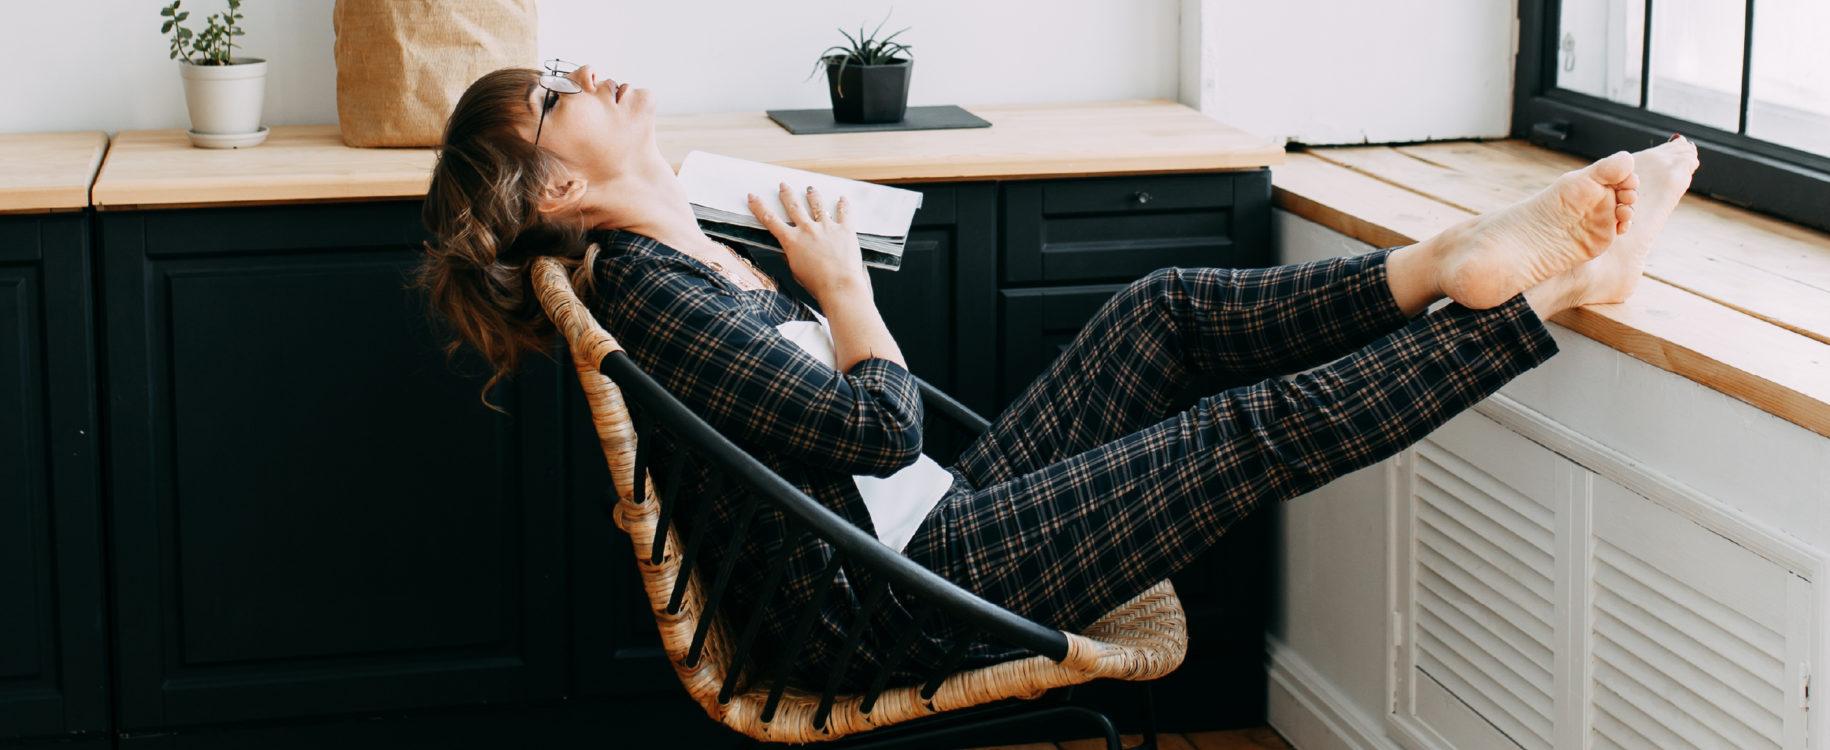 Pourquoi les jeunes travailleurs sont-ils si stressés?